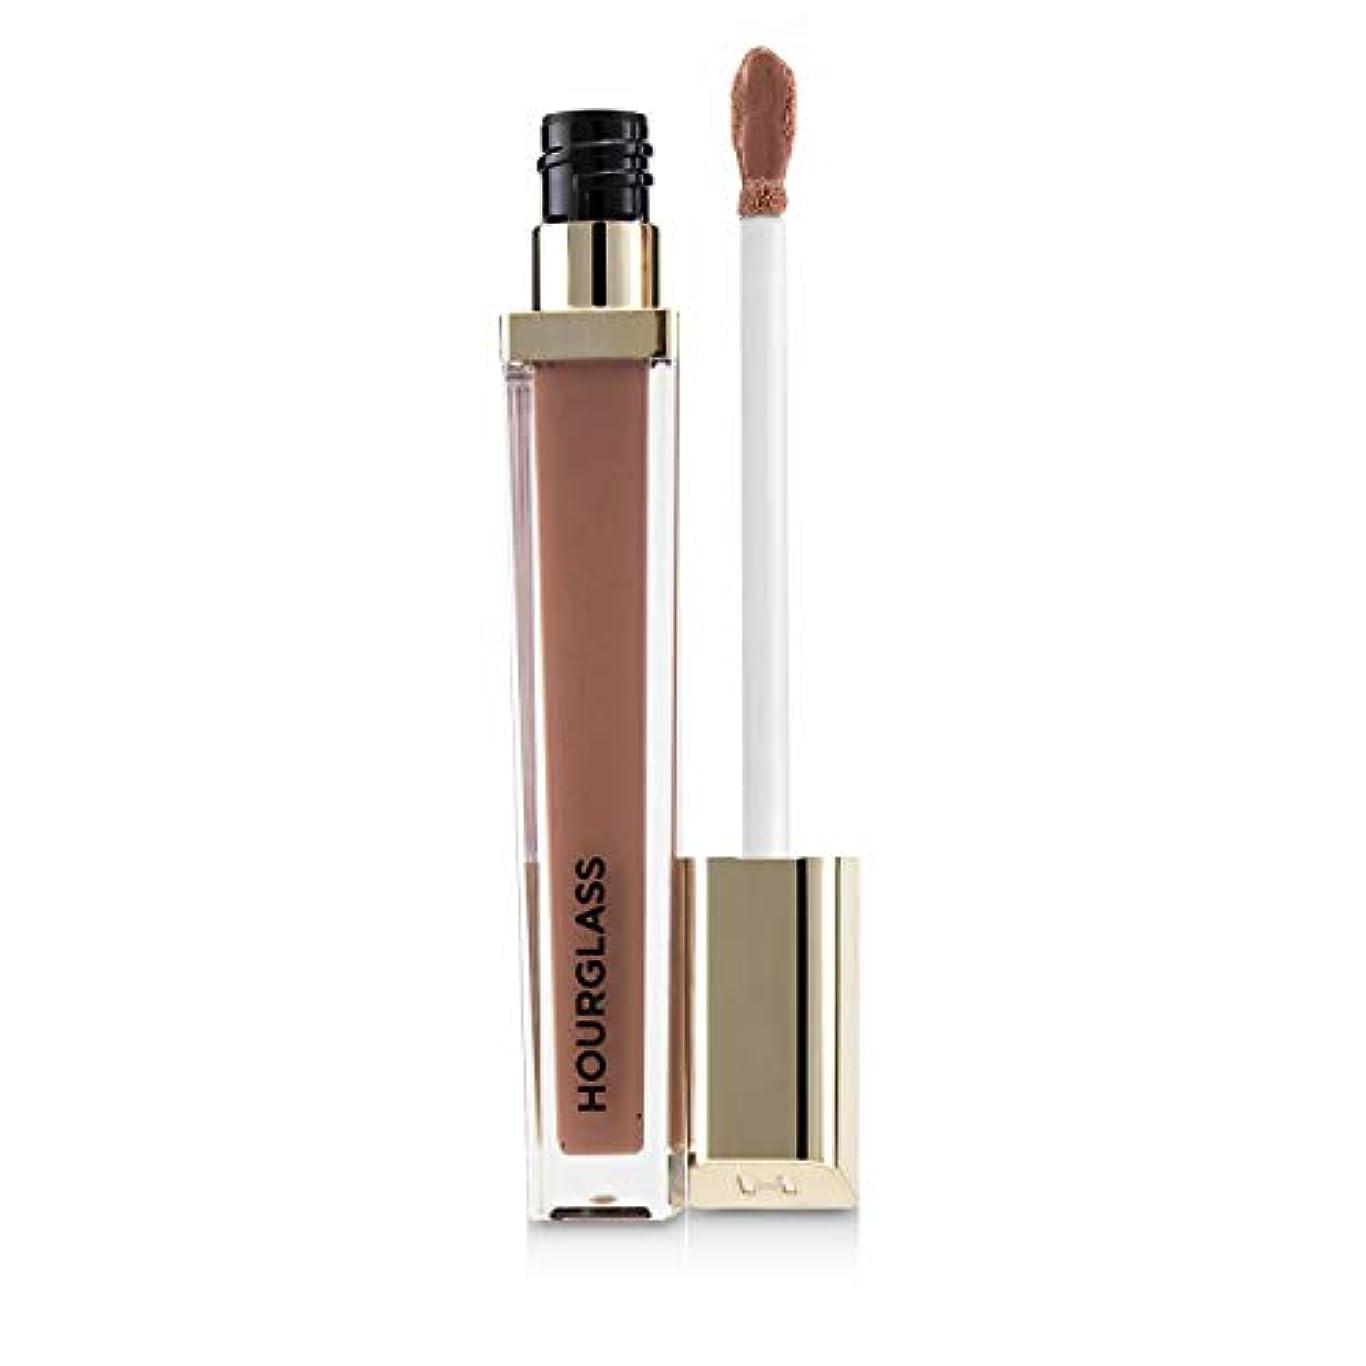 肯定的政府折り目アワーグラス Unreal High Shine Volumizing Lip Gloss - # Sublime (Pink Nude) 5.6g/0.2oz並行輸入品